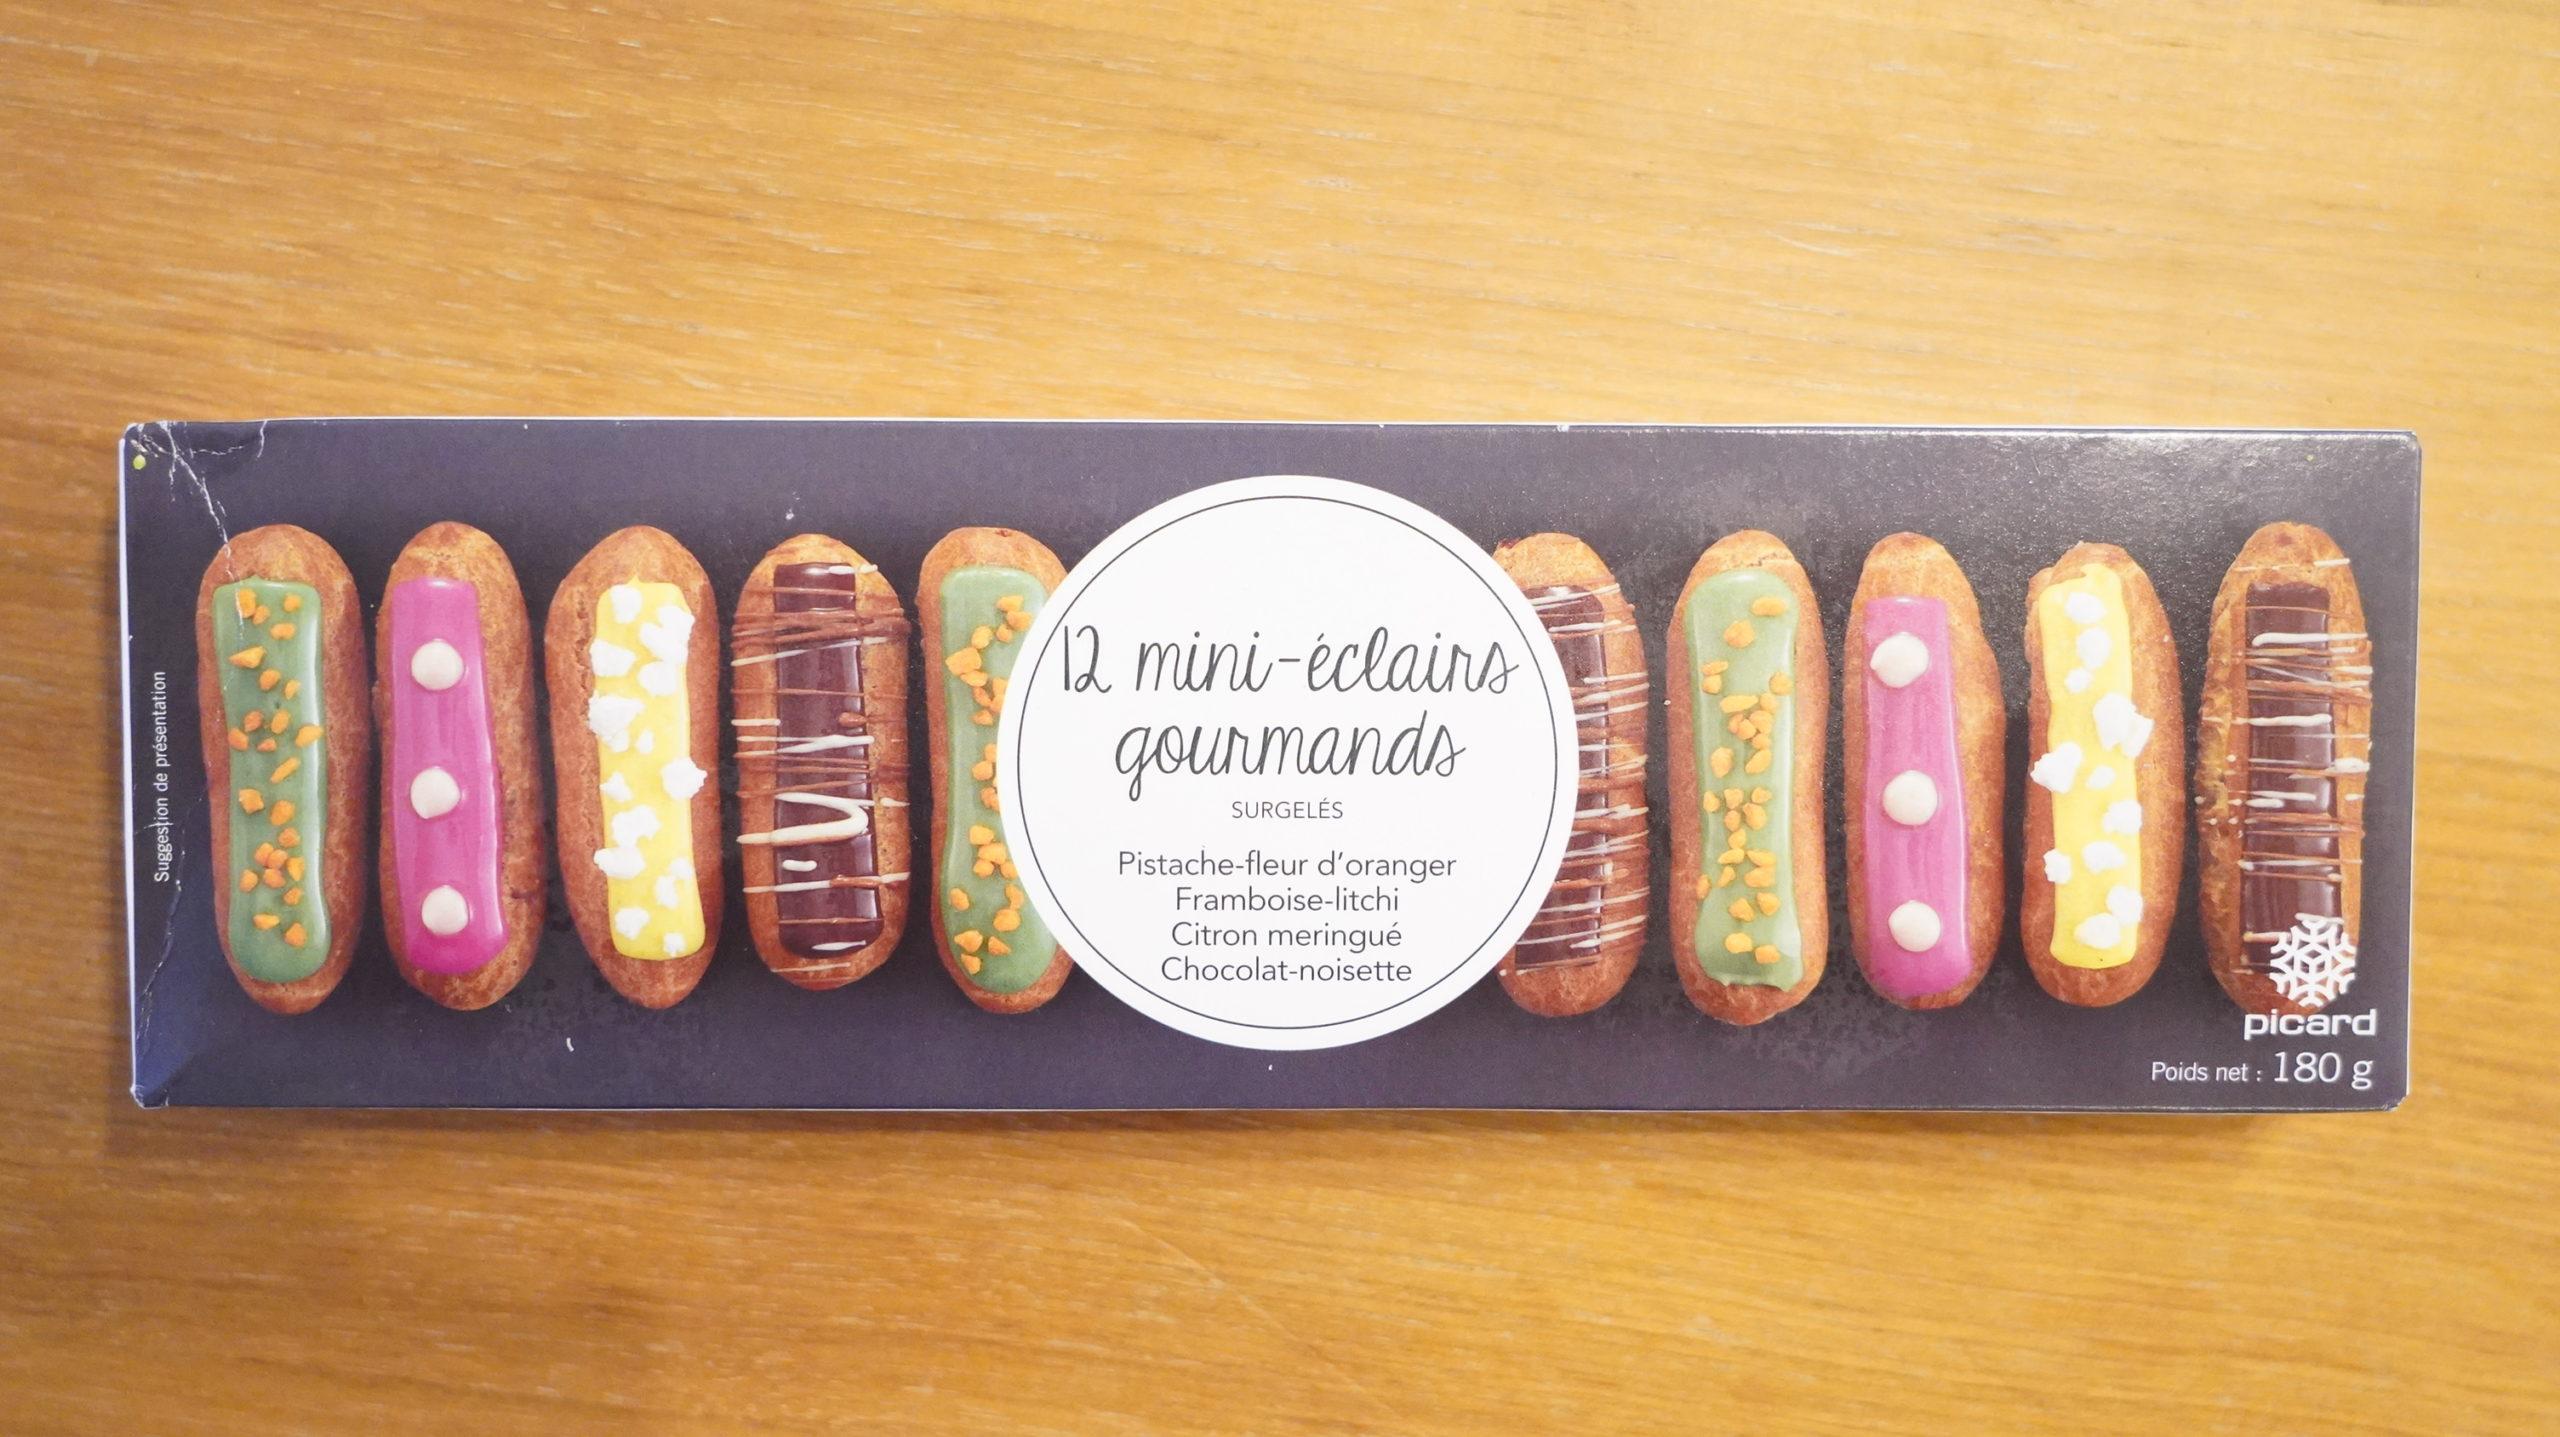 ピカールのおすすめ冷凍食品「食いしん坊のミニエクレア」のパッケージ写真